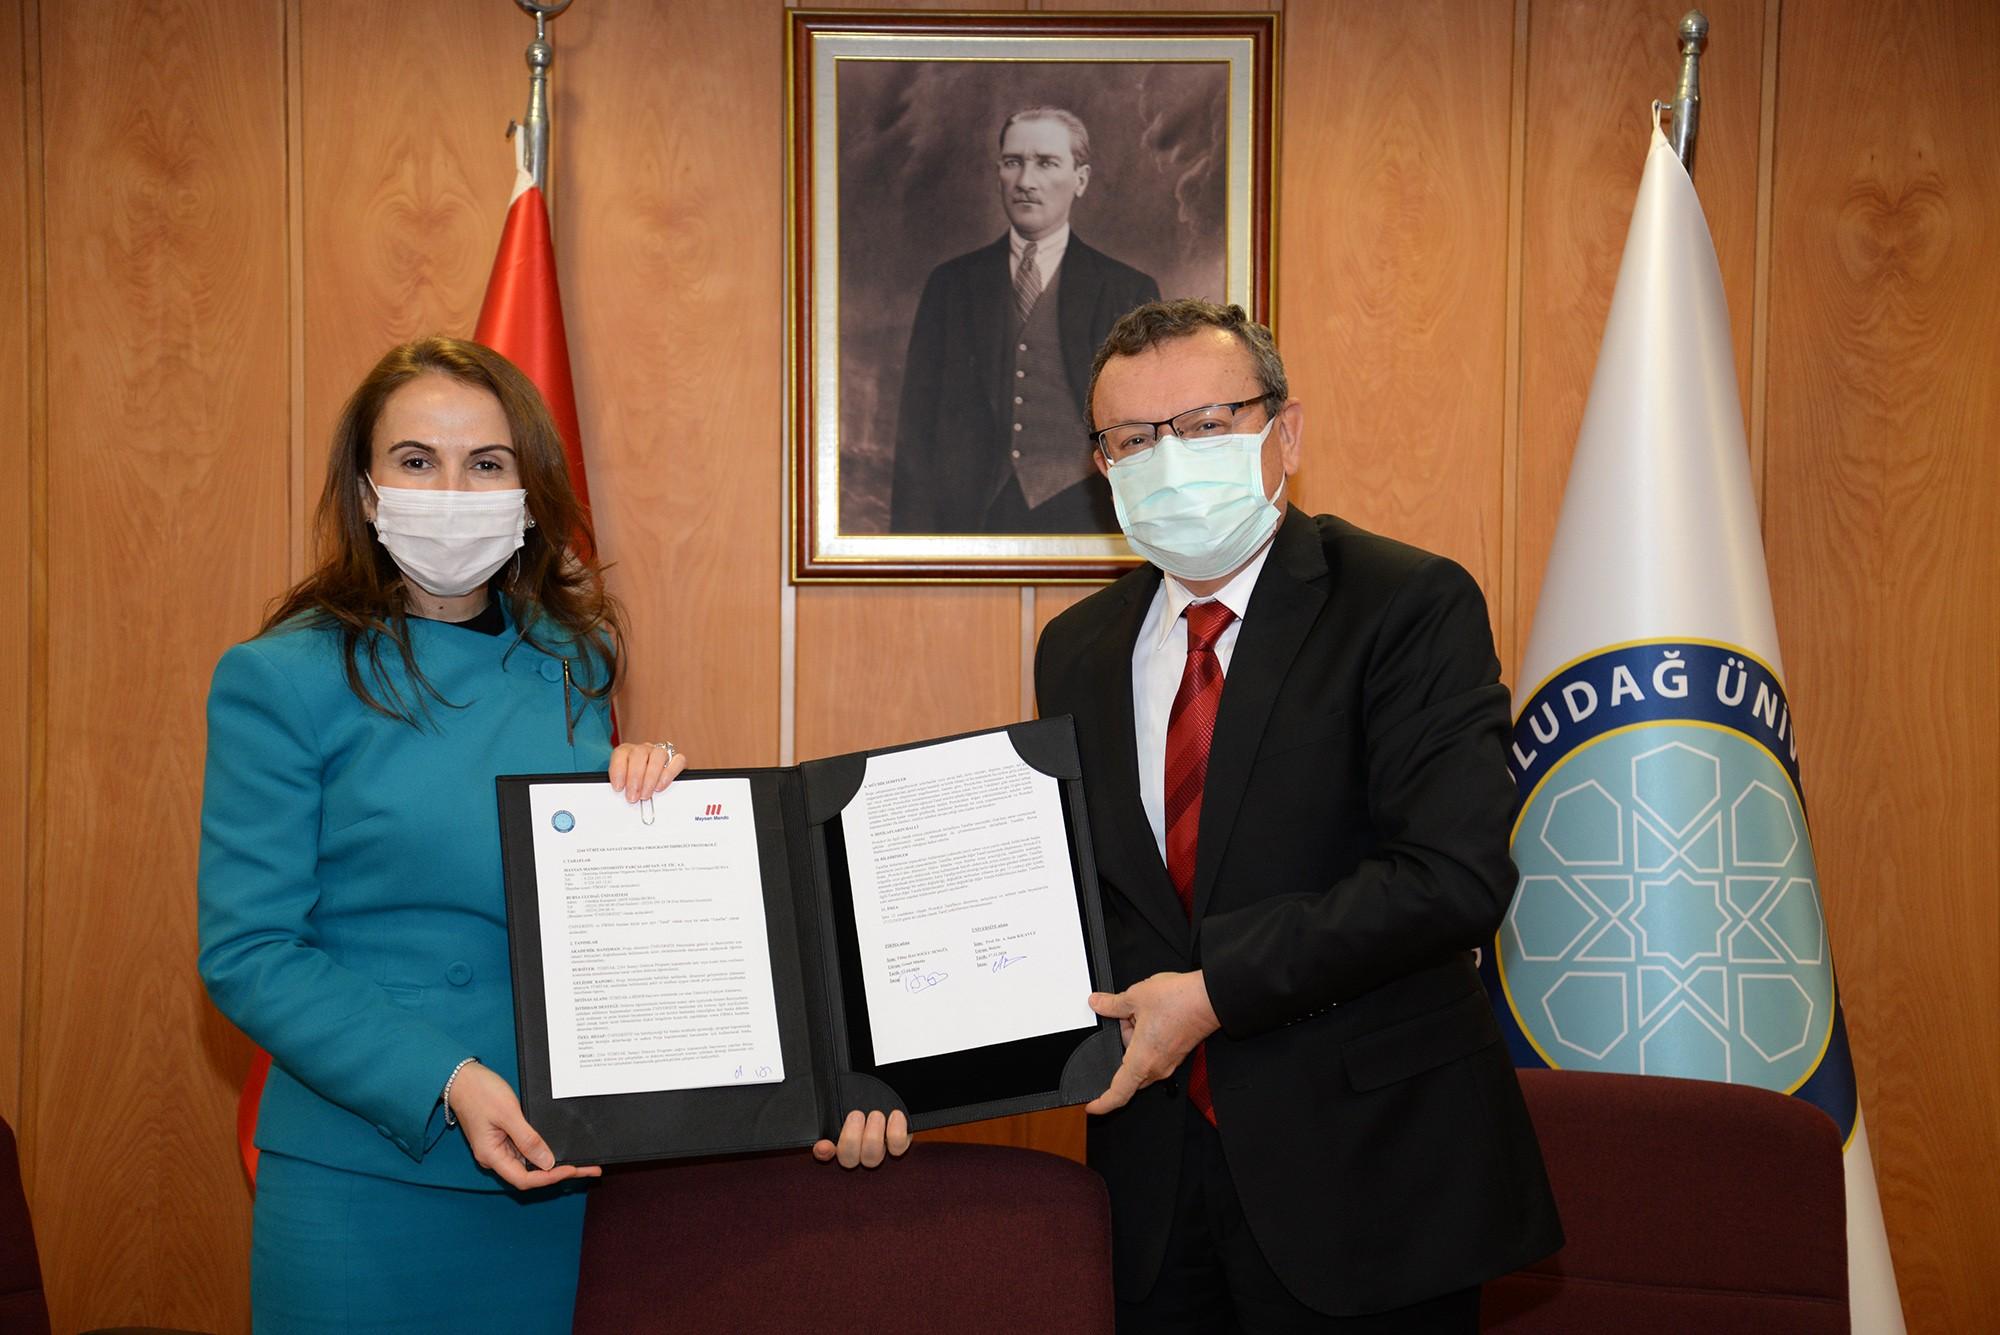 """<p>Bursa Uludağ Üniversitesi'nin (BUÜ), TÜBİTAK 2244 Sanayi Doktora Programı kapsamında firmalarla gerçekleştirdiği protokollere her geçen gün yenisi ekleniyor. Türkiye'nin amortisör üretimi yapan ilk şirketi olan MaysanMando, BUÜ ile 3 doktora öğrencisi için anlaşma imzaladı.</p> <p></p> <p>Bursa'nın önde gelen sanayi kuruluşlarından MaysanMando, TÜBİTAK 2244 Sanayi Doktora Projesi'ne üç doktora öğrencisi ile destek verdi. Protokol imza töreninde BUÜ Rektörü Prof. Dr. Ahmet Saim Kılavuz, MaysanMando Genel Müdürü Tülay Hacıoğlu Şengül ile fakülte ve enstitü yöneticileri hazır bulundu. Törende konuşan Rektör Prof. Dr. Ahmet Saim Kılavuz, """"Bu projeyi oldukça önemli buluyoruz. Bursa'nın, Türk sanayi ve ekonomisindeki yeri ile üniversitemizin eğitimdeki yeri ve konumunu mukayese ettiğimizde bizim bu proje içerisinde olabildiğince fazla yer almamız gerektiğine inandık. Üniversite-Sanayi işbirliğinde ciddi bir mesafe aldık. Bizim yetiştireceğimiz öğrenciler, sizin belirleyeceğiniz problemlere çözüm üreterek, öncelikle üniversiteye, sonra size, son olarak da kentimize ve ülkemize katma değer oluşturacak projeler üretecekler. Nihayetinde Bursa'nın ve ülkemizin kazanacağını düşünüyoruz. Bu projede bizimle işbirliği yapan ve paydaşımız olan MaysanMando firmasına ve yetkililerine teşekkür ediyoruz"""" dedi.</p> <p></p> <p>MaysanMando Genel Müdürü Tülay Hacıoğlu Şengül ise son 20 yılda Türkiye otomotiv endüstrisinin ciddi bir ilerleme kaydettiğini vurguladı. Daha önce sadece üretim ve montaj faaliyetlerine ağırlık verildiğine işaret eden Tülay Hacıoğlu Şengül; """"Özellikle son 10 yıla baktığımızda artık tasarım merkezi haline de geldik. Sanayimizin gelişmesi için sadece üretim yapan değil, gelişime açık ürünler tasarlayan grupta olmamız lazım. Otomotiv endüstrisi hem bir gelişim hem de bir dönüşümün içerisinde. Otomotiv dediğimiz kavram artık değişiyor. Üretim konusunda çok fazla rakibimiz var. Ar-Ge yeteneklerimizle biz eğer nihai ürüne fark oluşturabilecek bir şeyler dâhil edebili"""